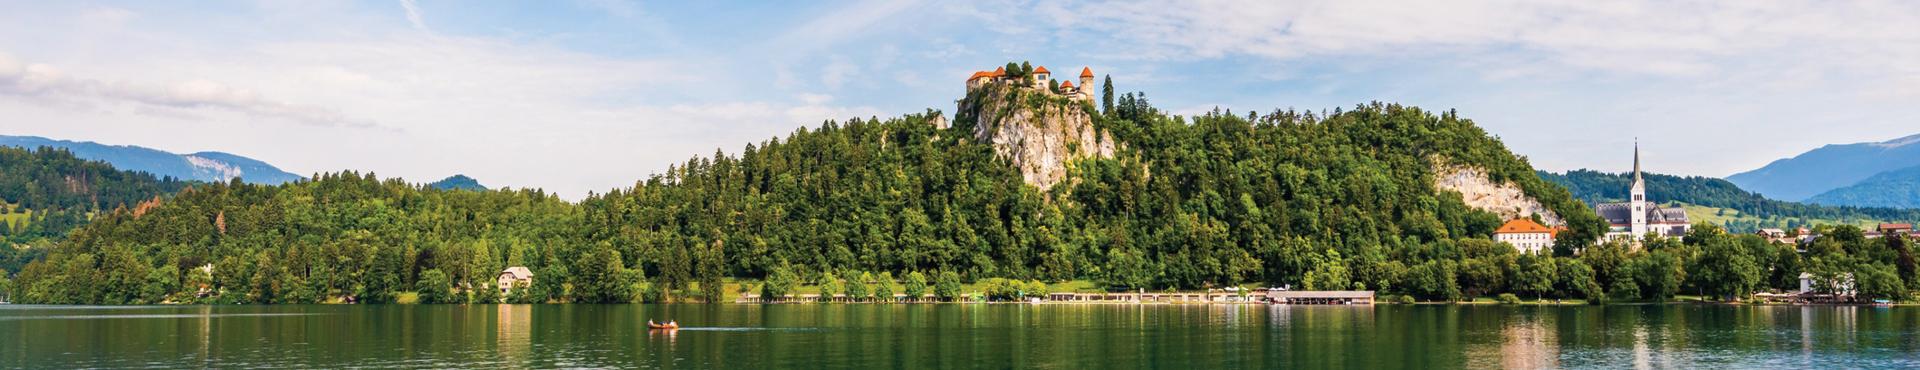 טיול מאורגן לסלובניה וקרואטיה - פנינות התיירות של אירופה